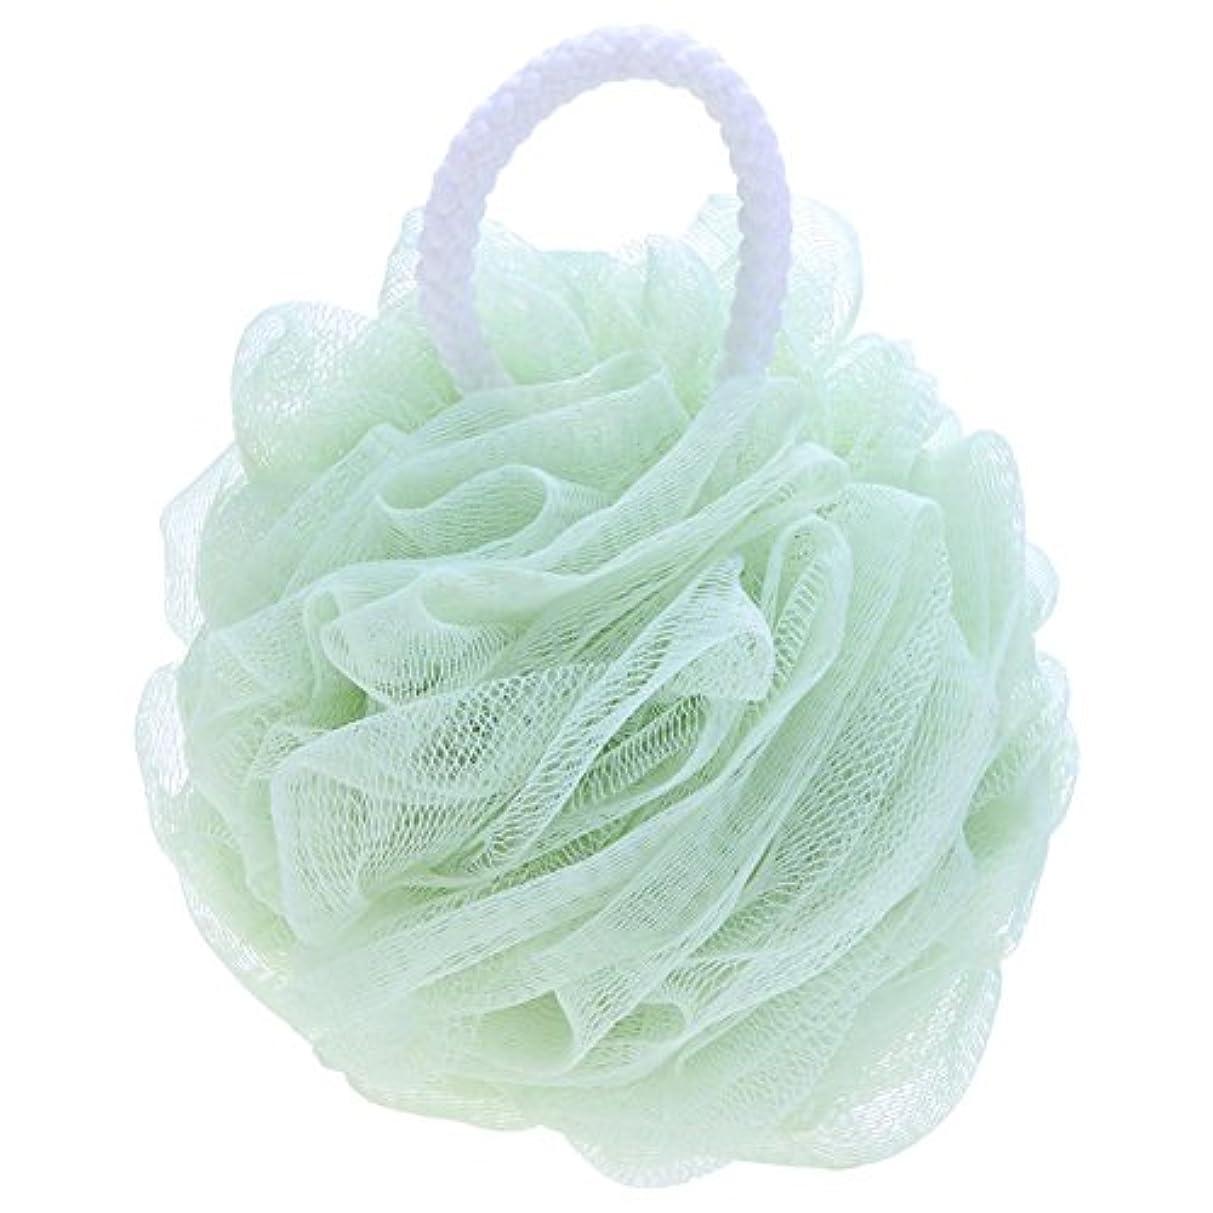 日焼けまさに慣れるDemiawaking 泡立てネットフラワーボール 泡ボール 柔らかい ボディ洗い お風呂用 泡立ち ブルー